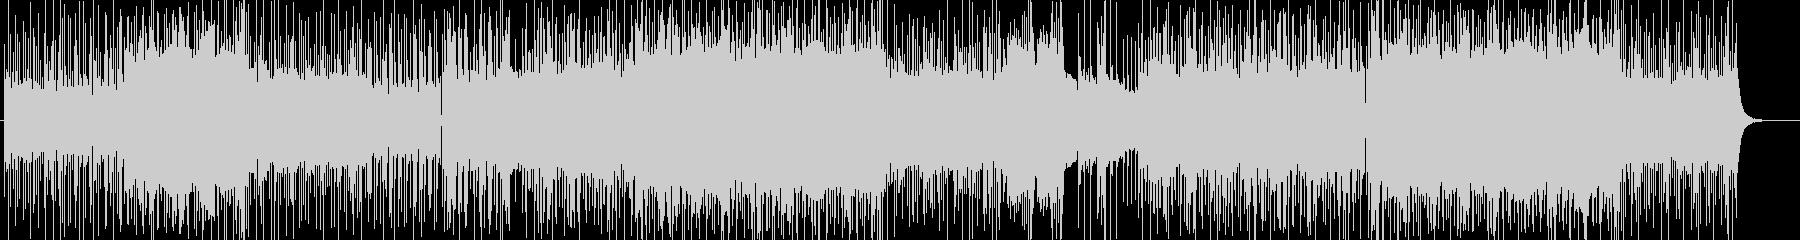 「POWER/ROCK」BGM331の未再生の波形